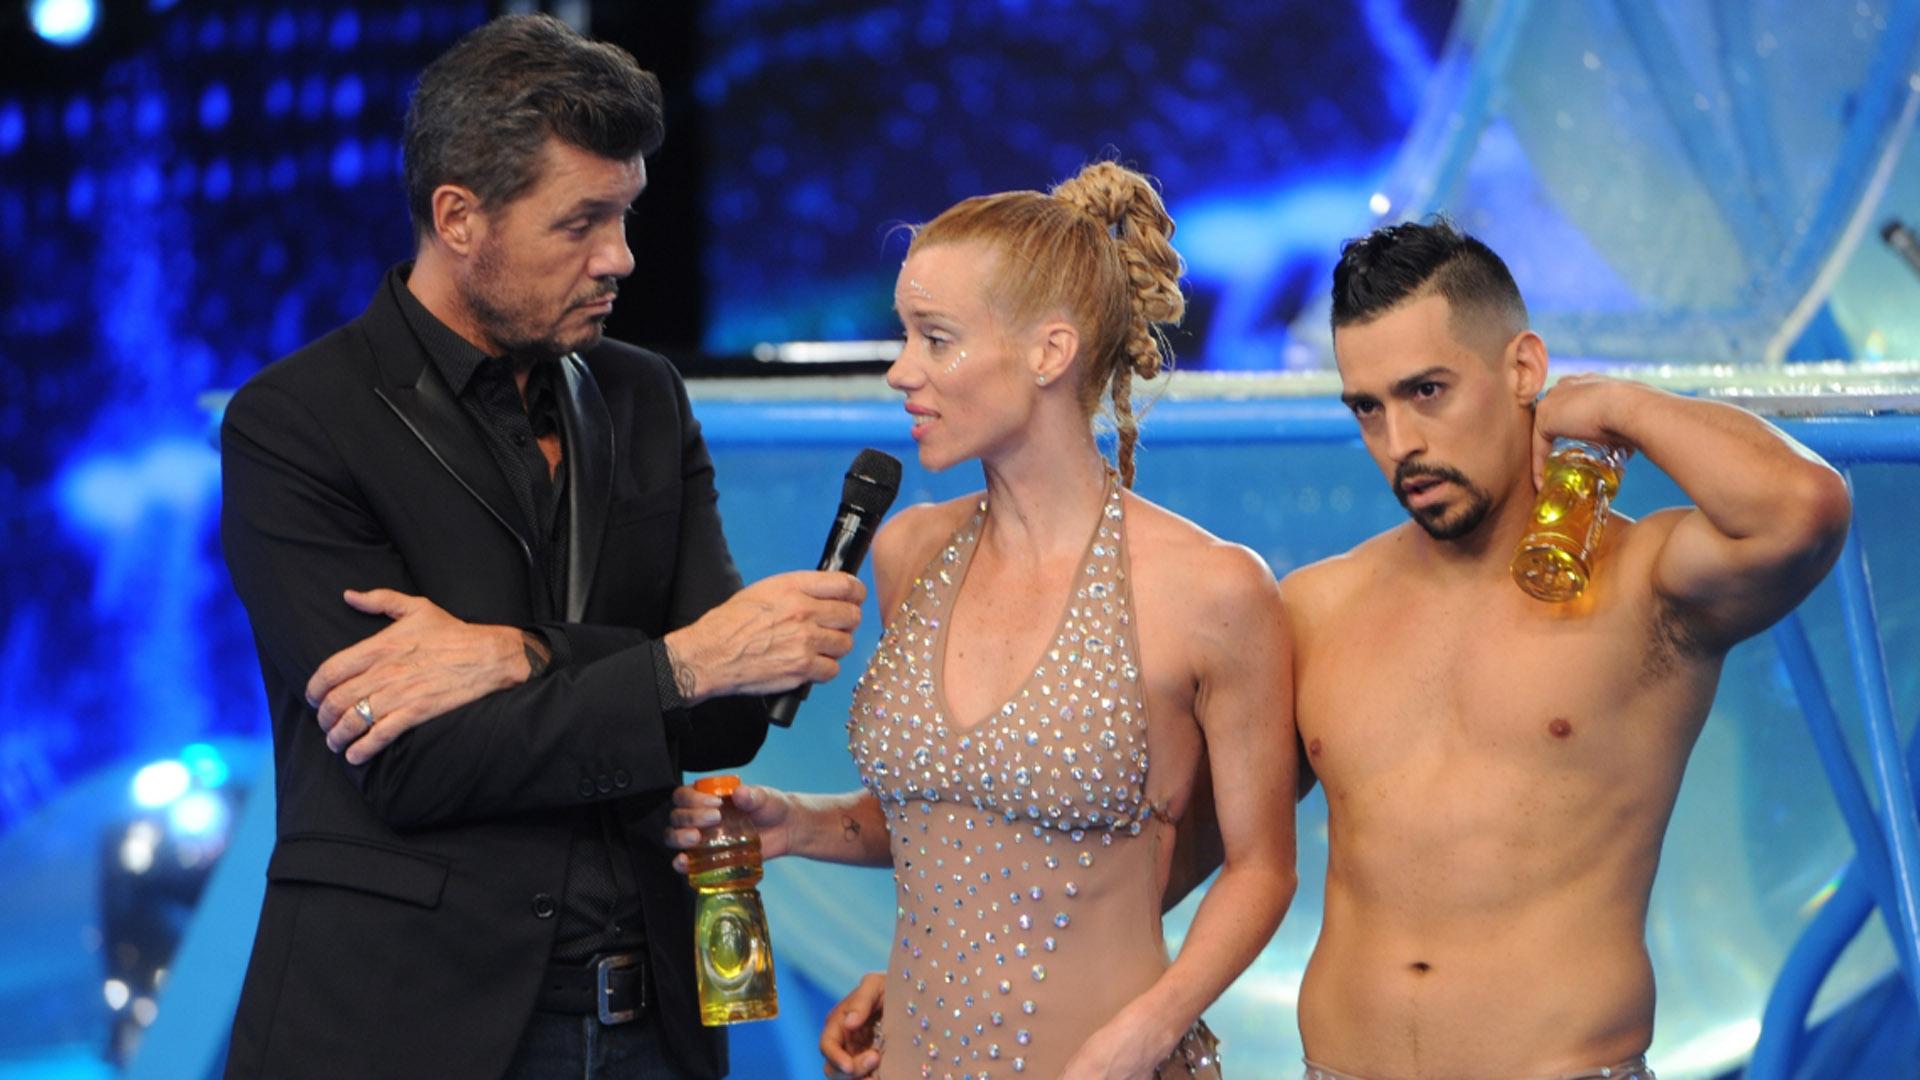 Neumann concurso en el reality show de baile Bailando 2016 conducido por Marcelo Tinelli, donde obtuvo el quinto puesto tras siete meses de competencia